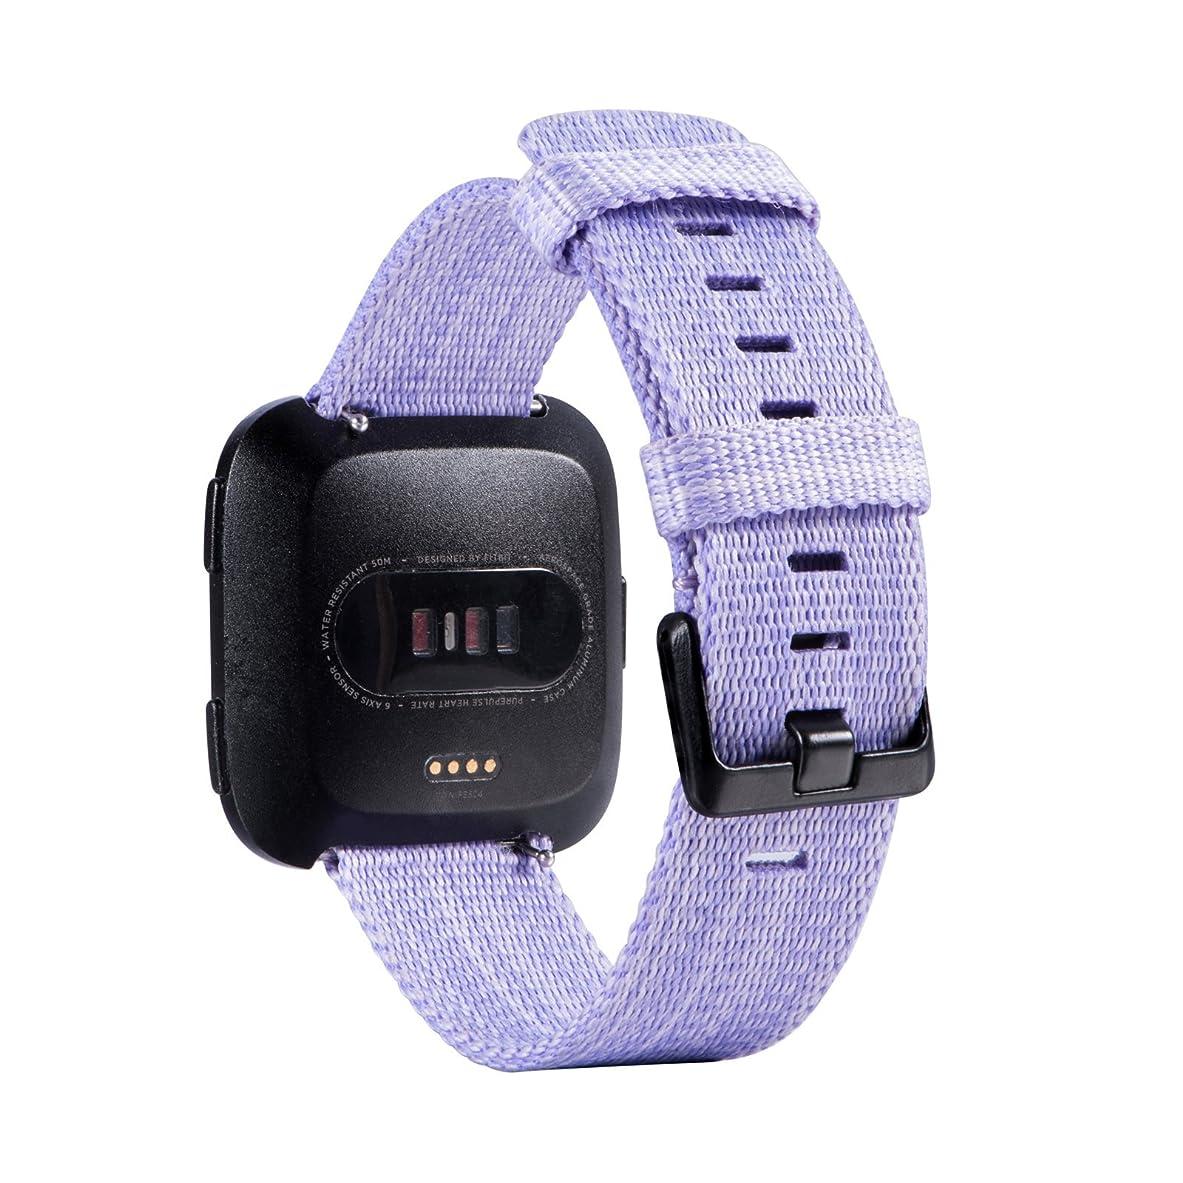 読書をする体系的に教室Fitbit Versa スマートウォッチ ナイロン製交換ベルト/バンド Comtax 交換用 ベルト for Fitbit Versa Watch 交換ベルド (パープル)